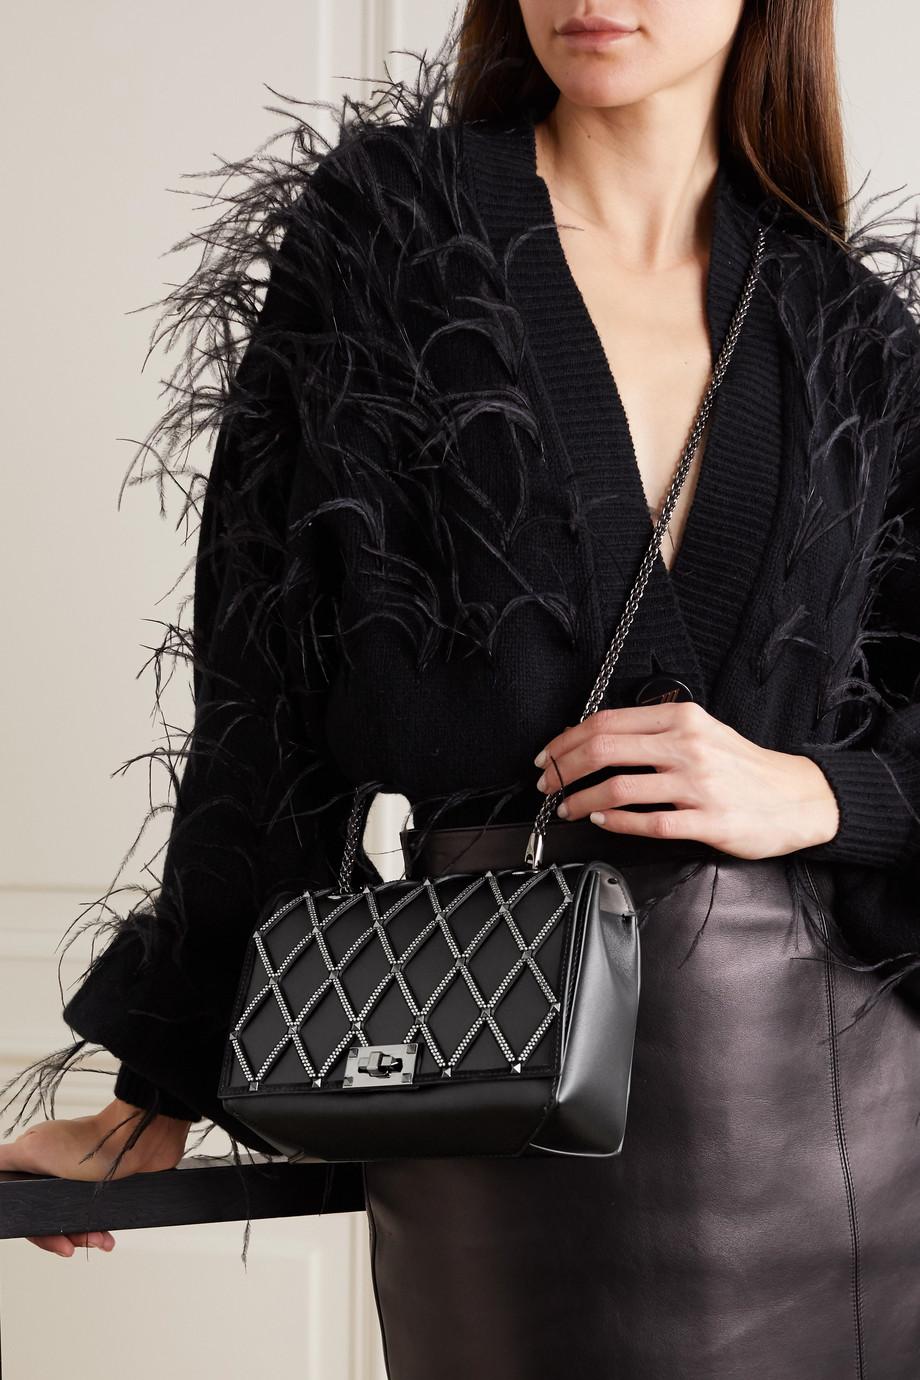 Valentino Valentino Garavani Beehive embellished leather shoulder bag